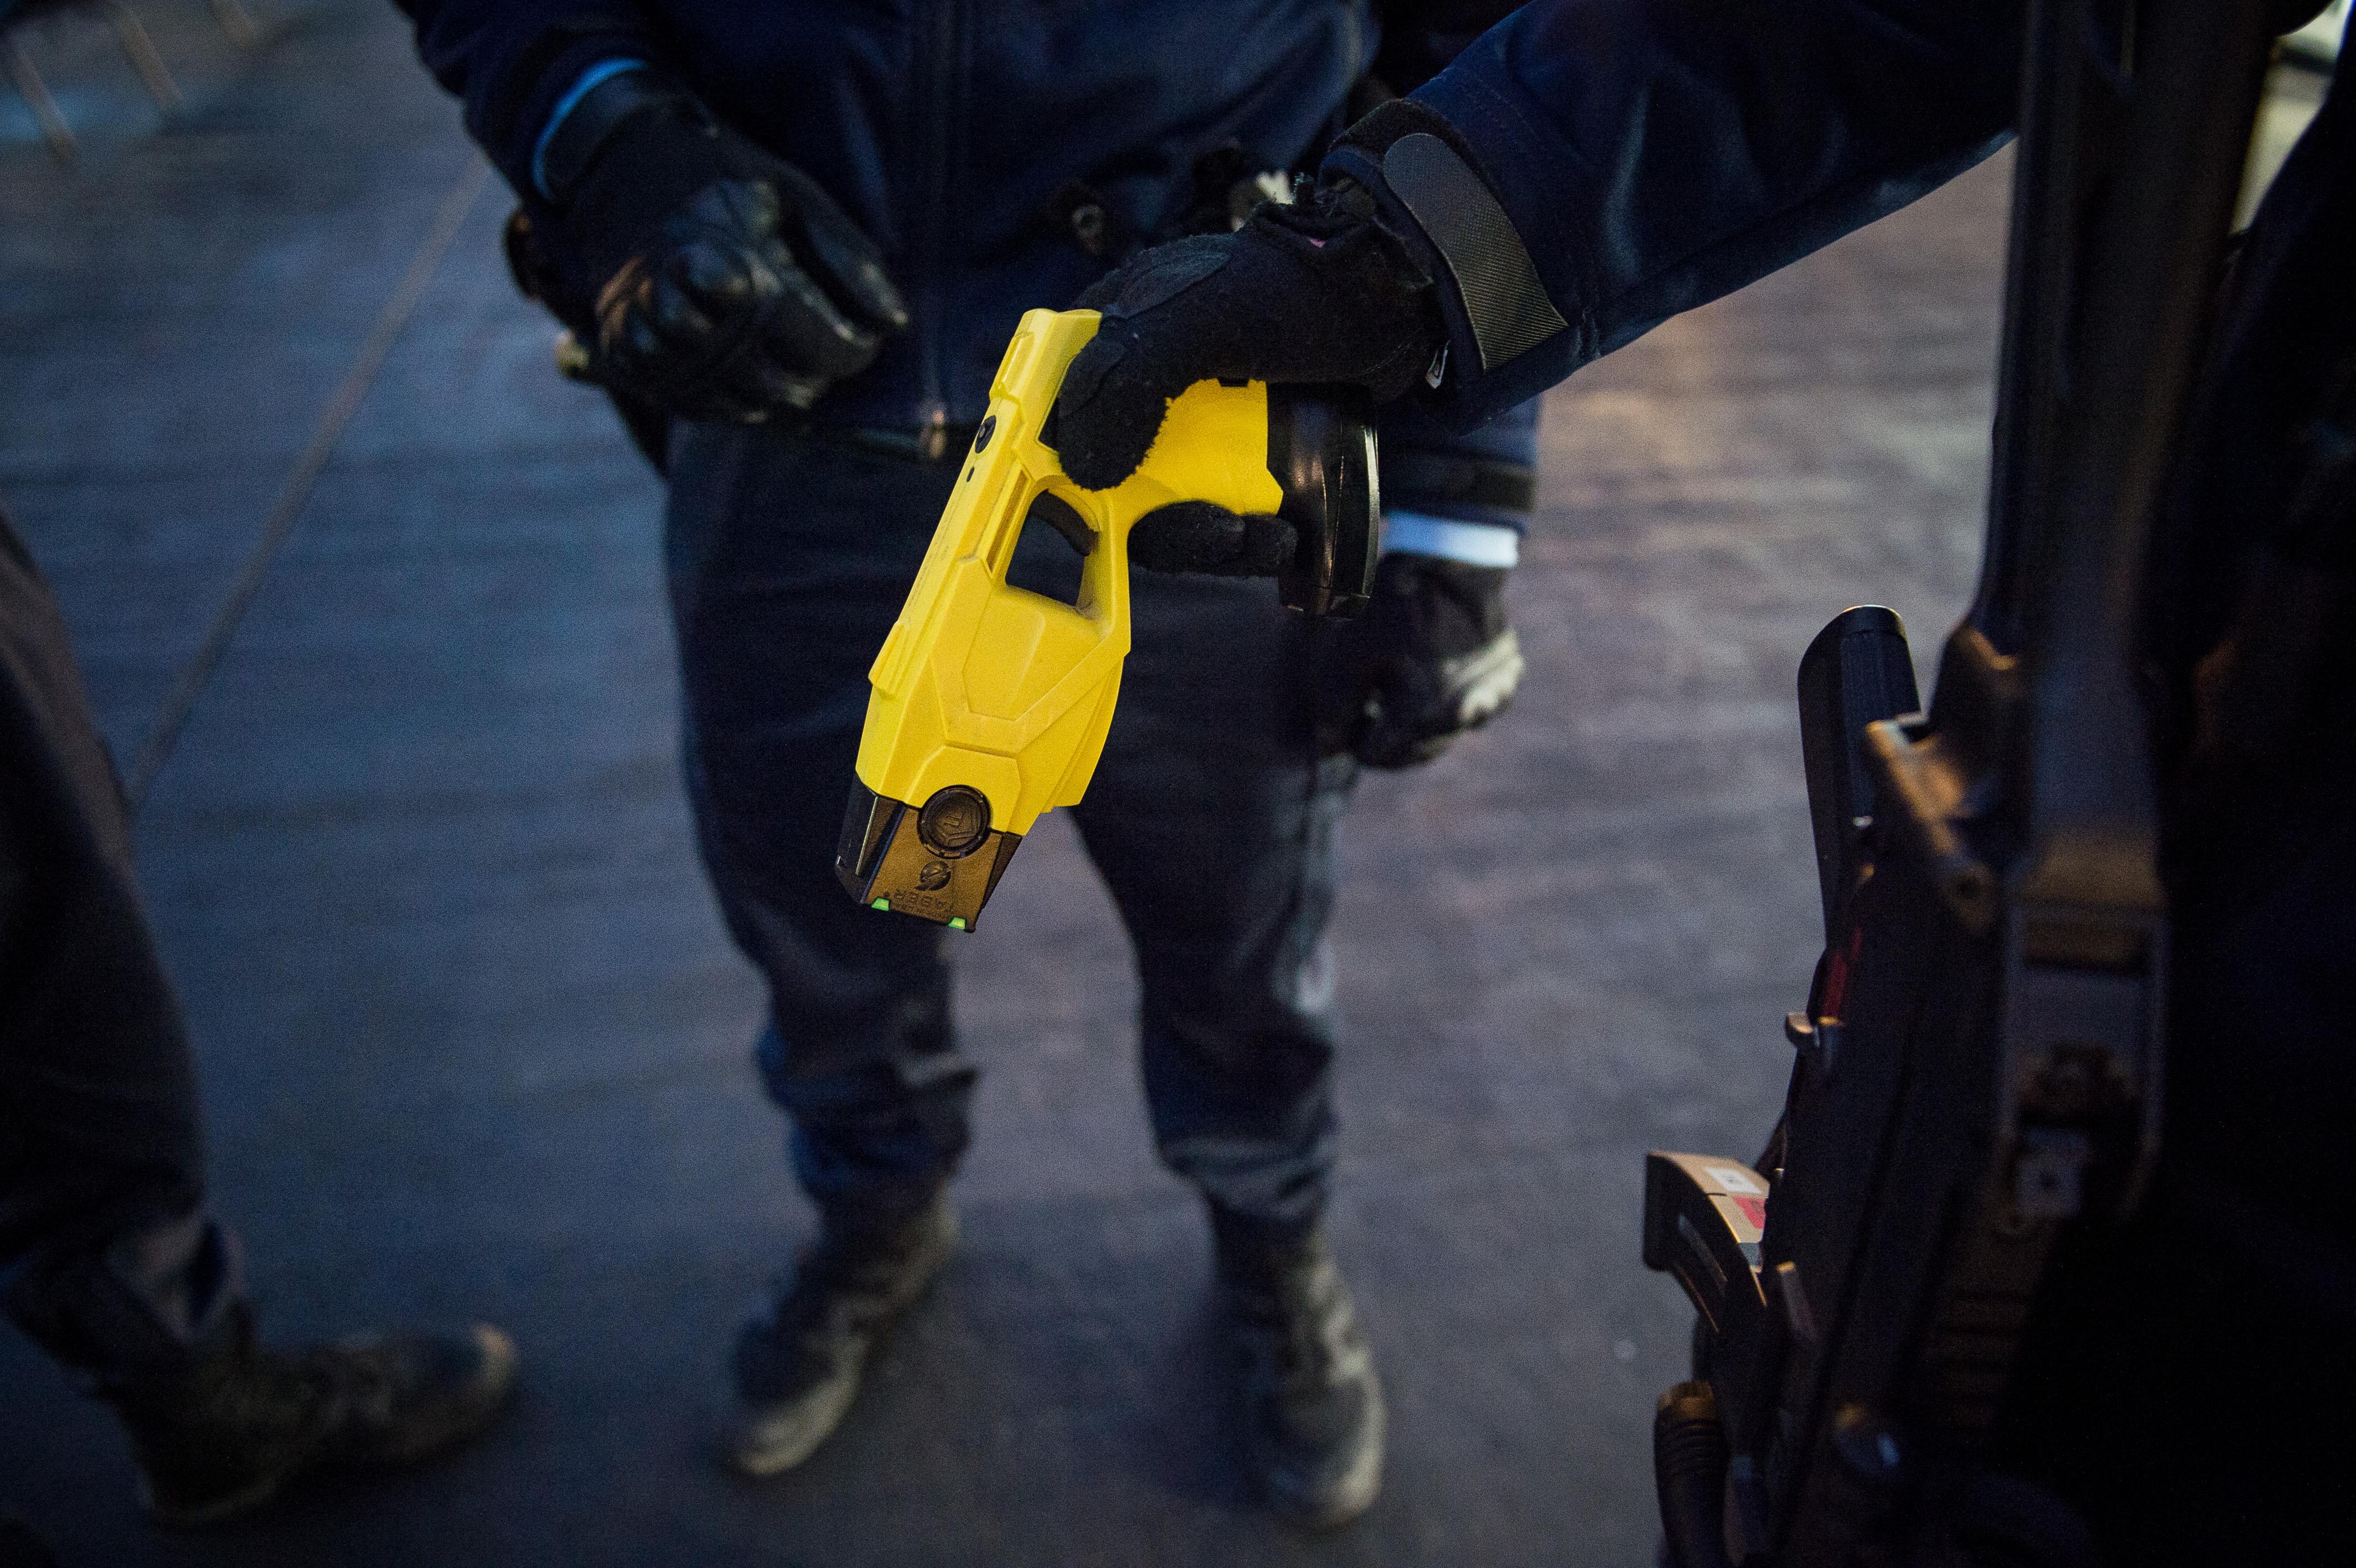 Amerikai rendőr oktatja a sokkoló használatát a Nemzeti Közszolgálati Egyetemen